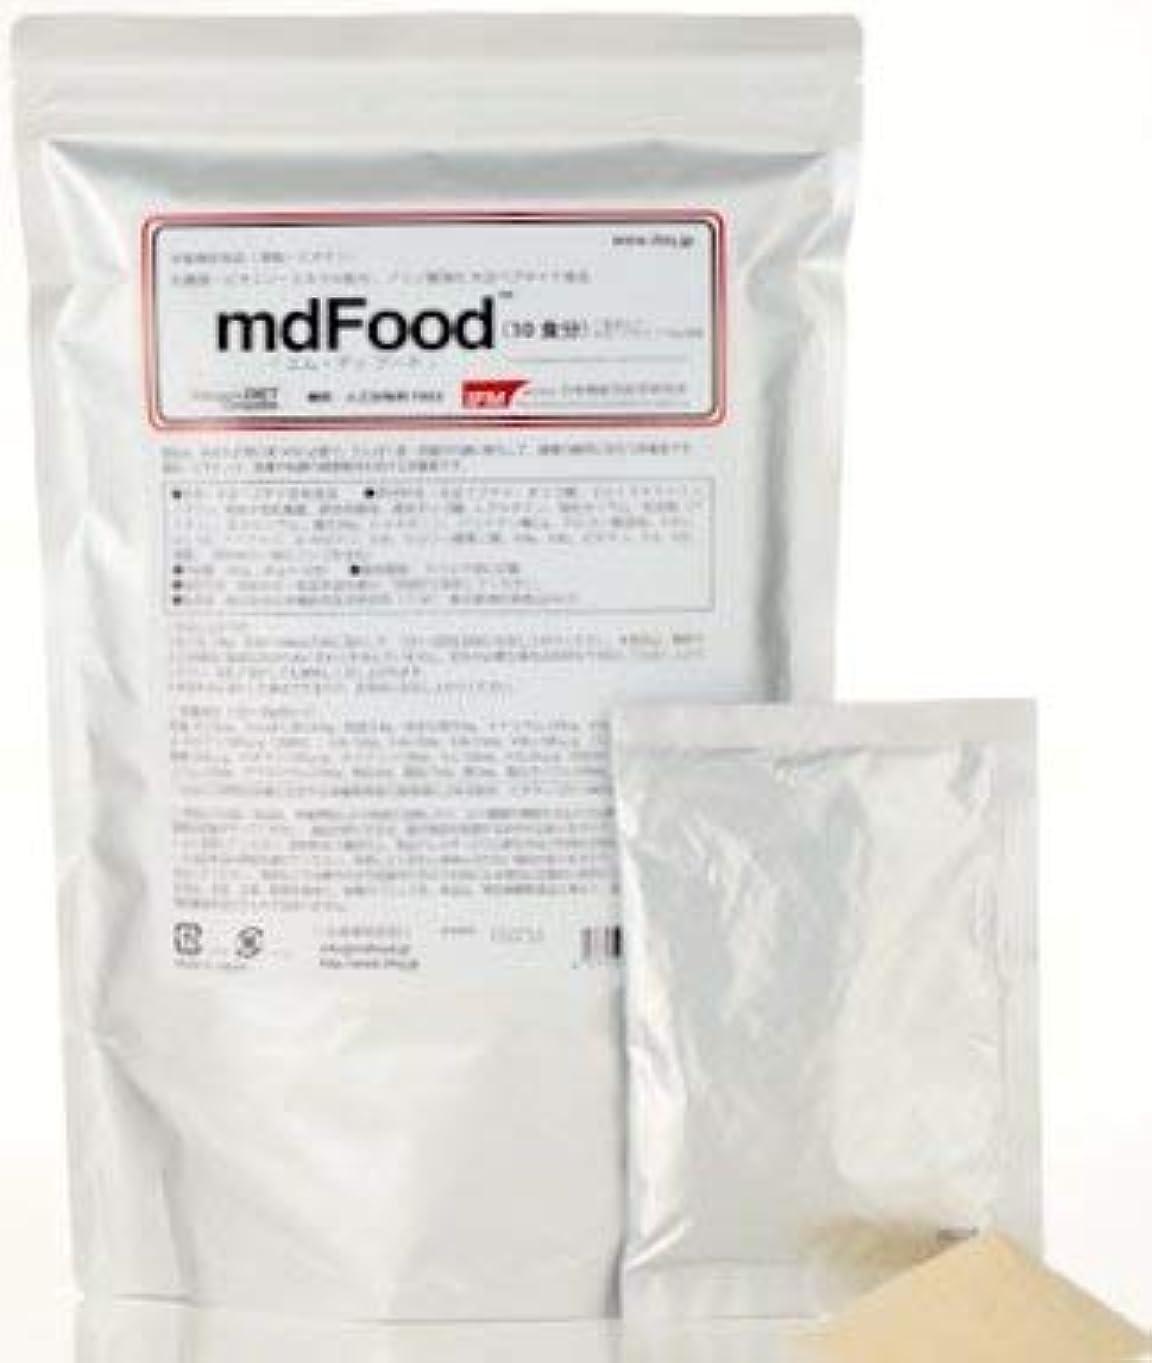 日本機能性医学研究所 mdFood 「エムディ?フード」10食分